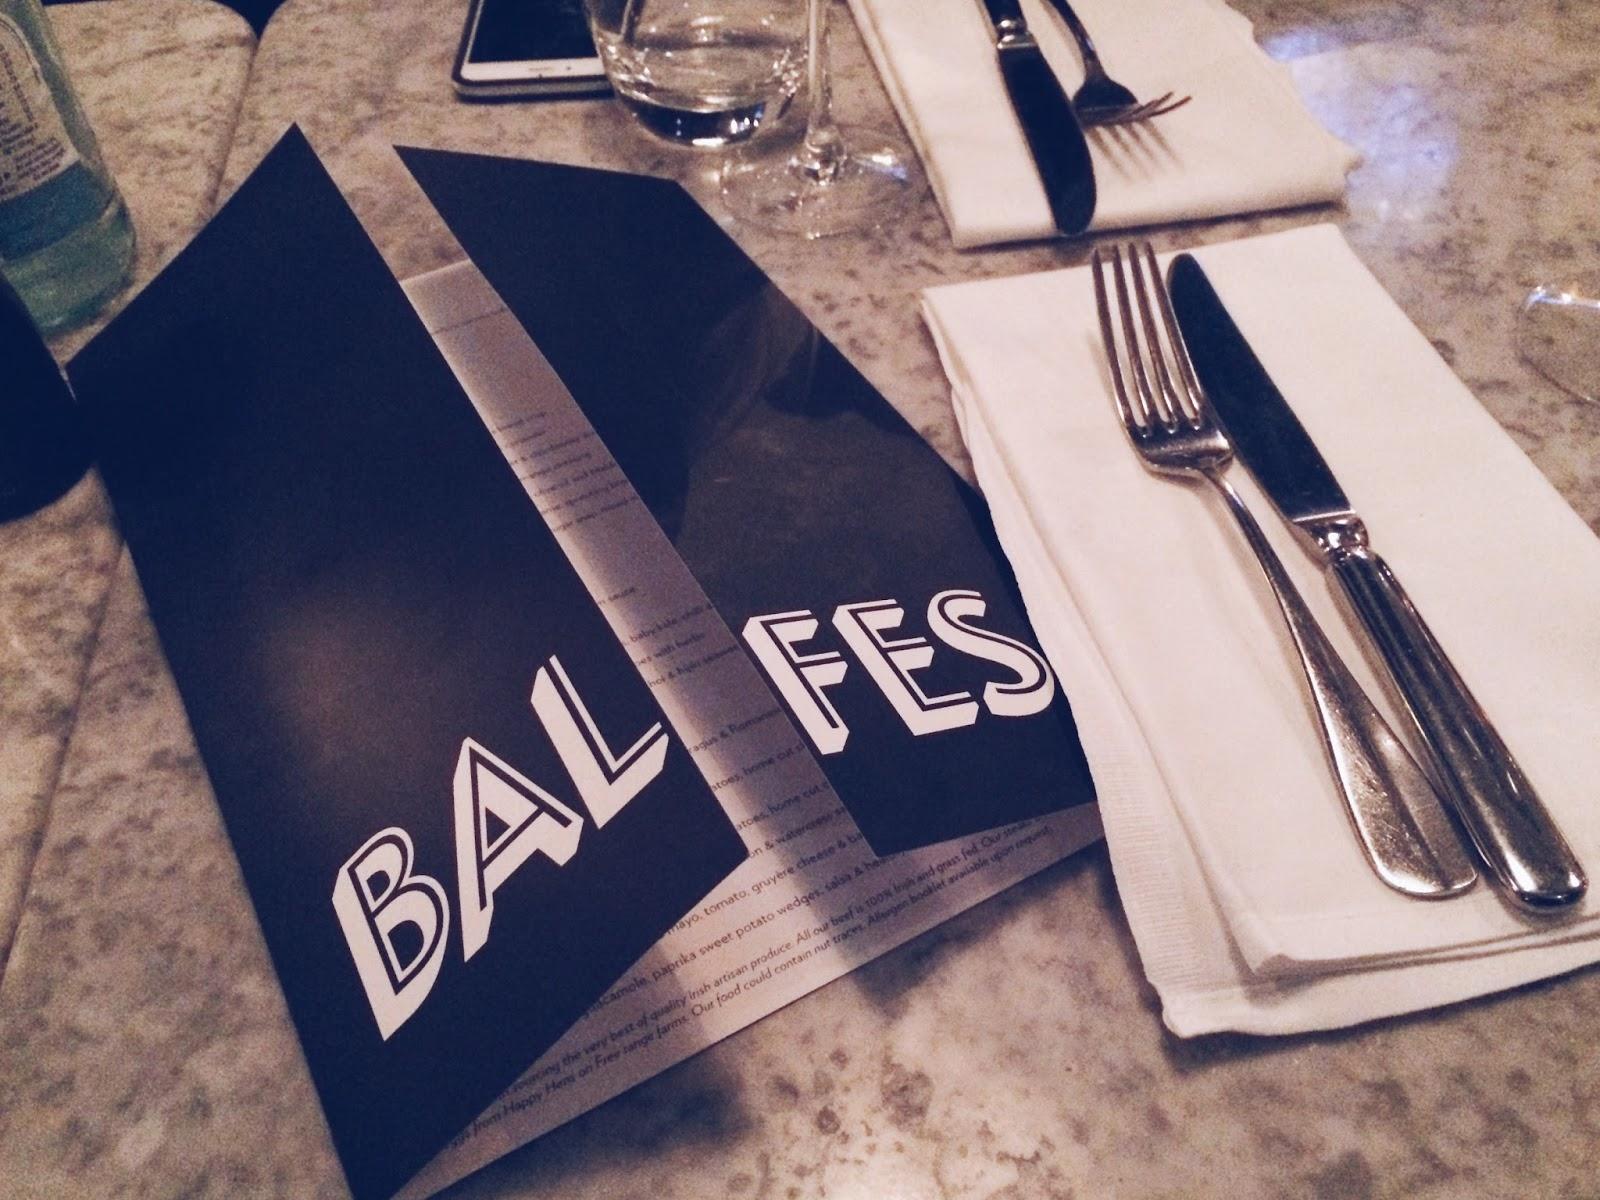 Balfes at the Westbury Hotel